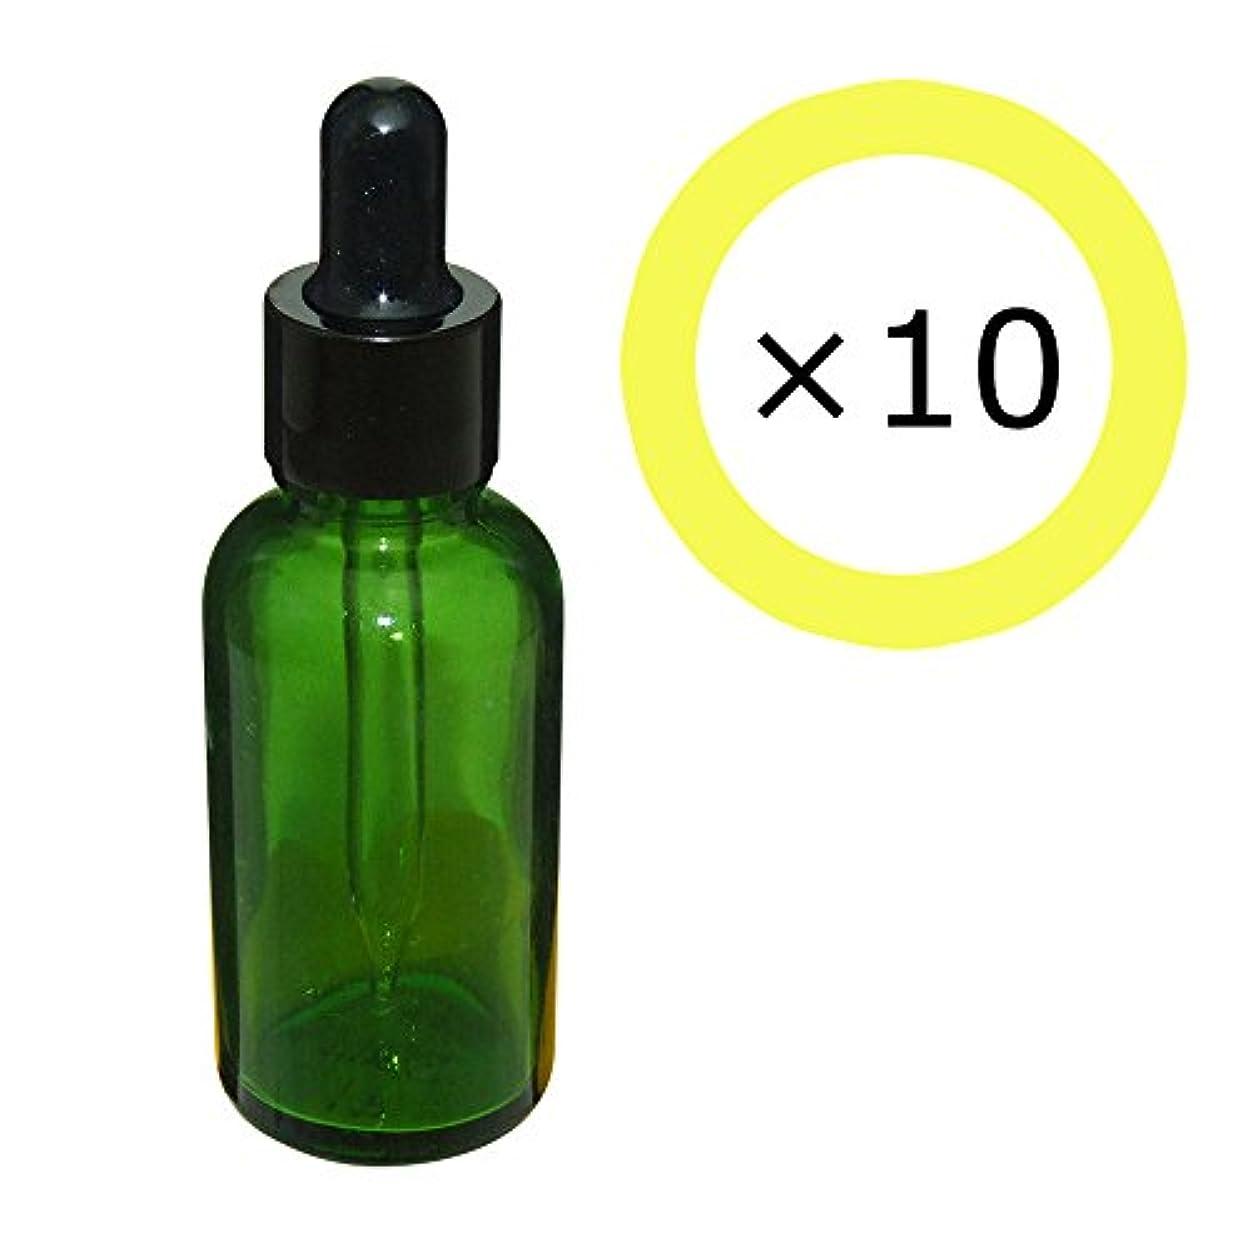 アプト丈夫頬ガレージ?ゼロ 遮光ガラス スポイド瓶 先細タイプ 緑 30ml×10個/アロマ保存